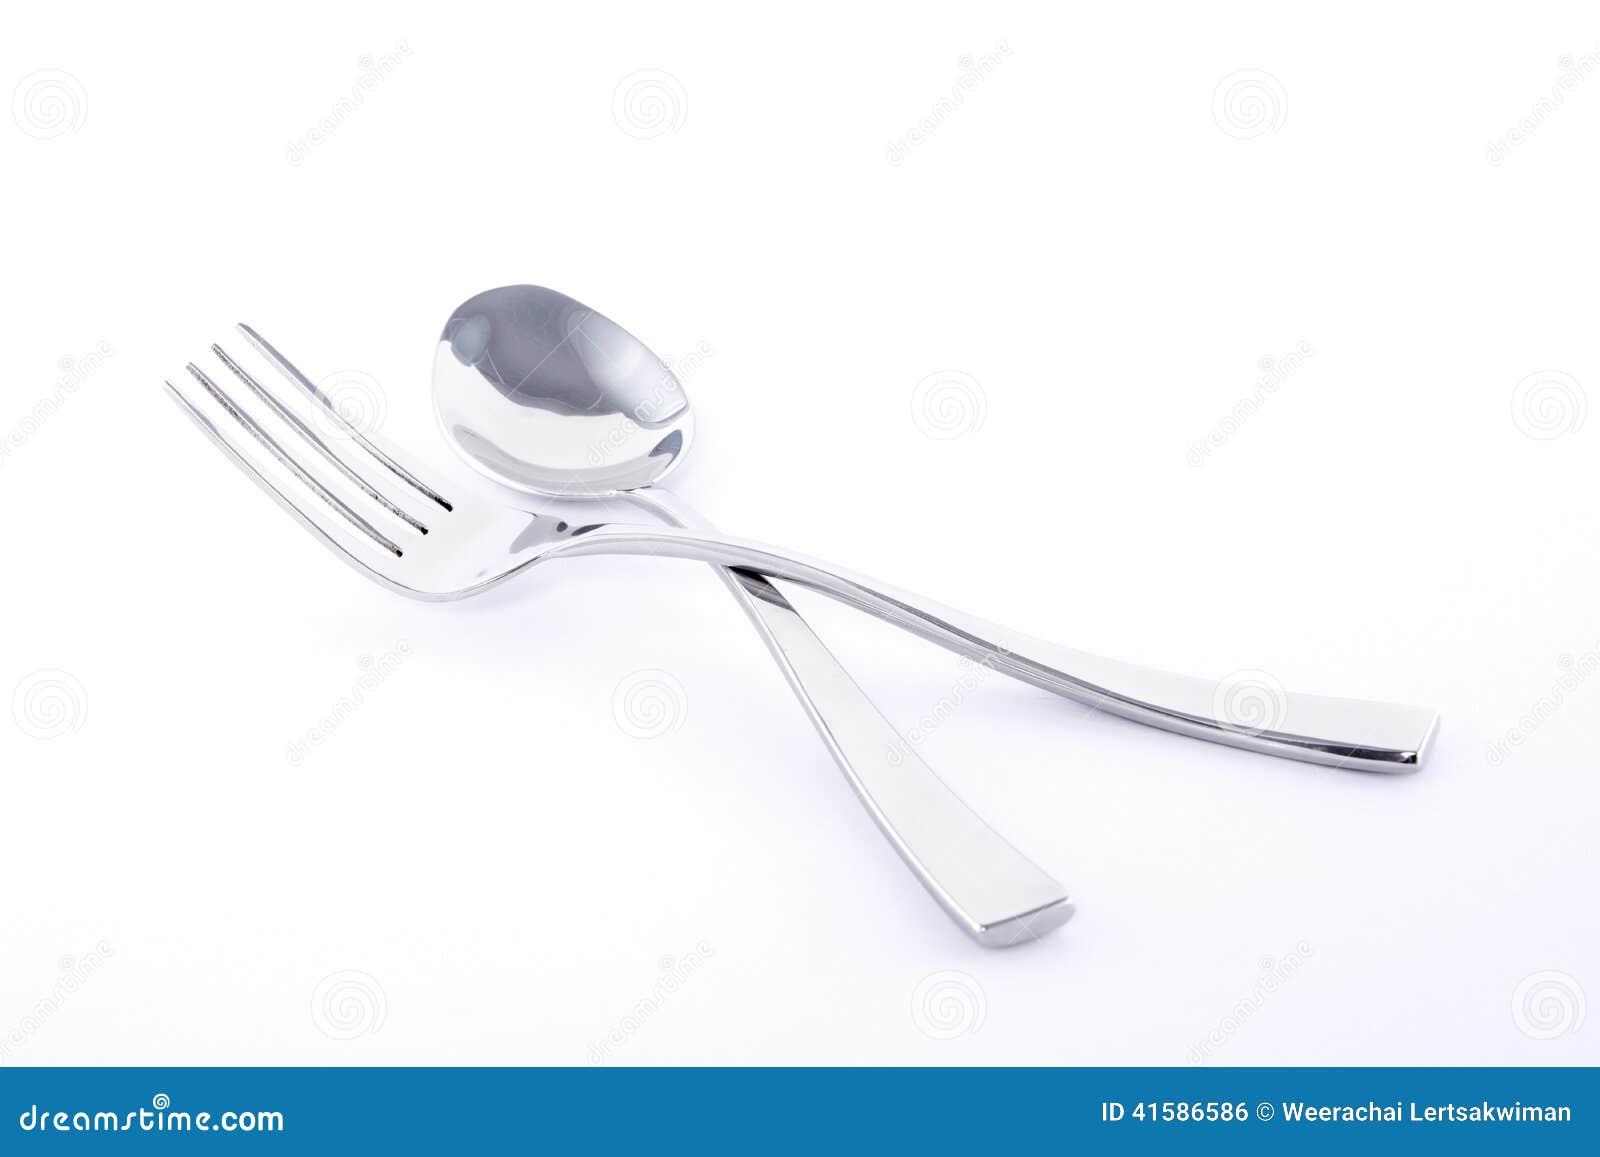 匙子和叉子